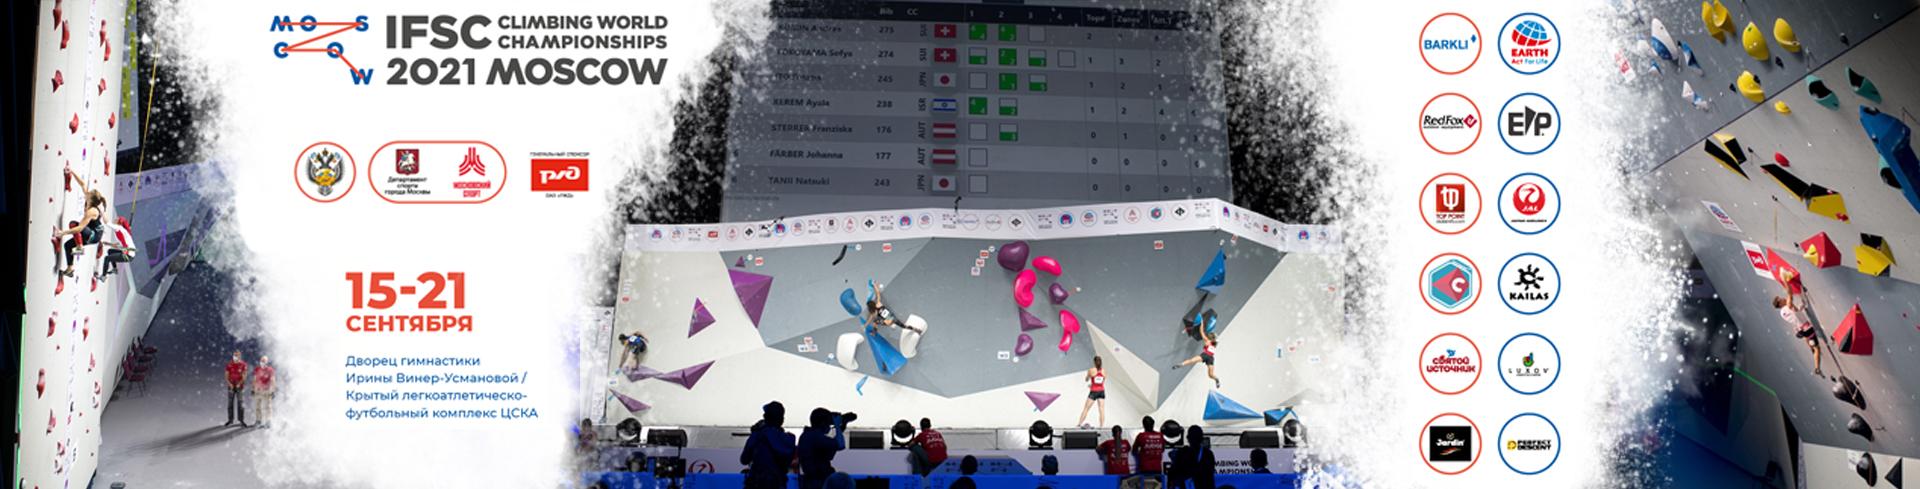 Скалодром для Чемпионата Мира по скалолазанию 2021 в Москве